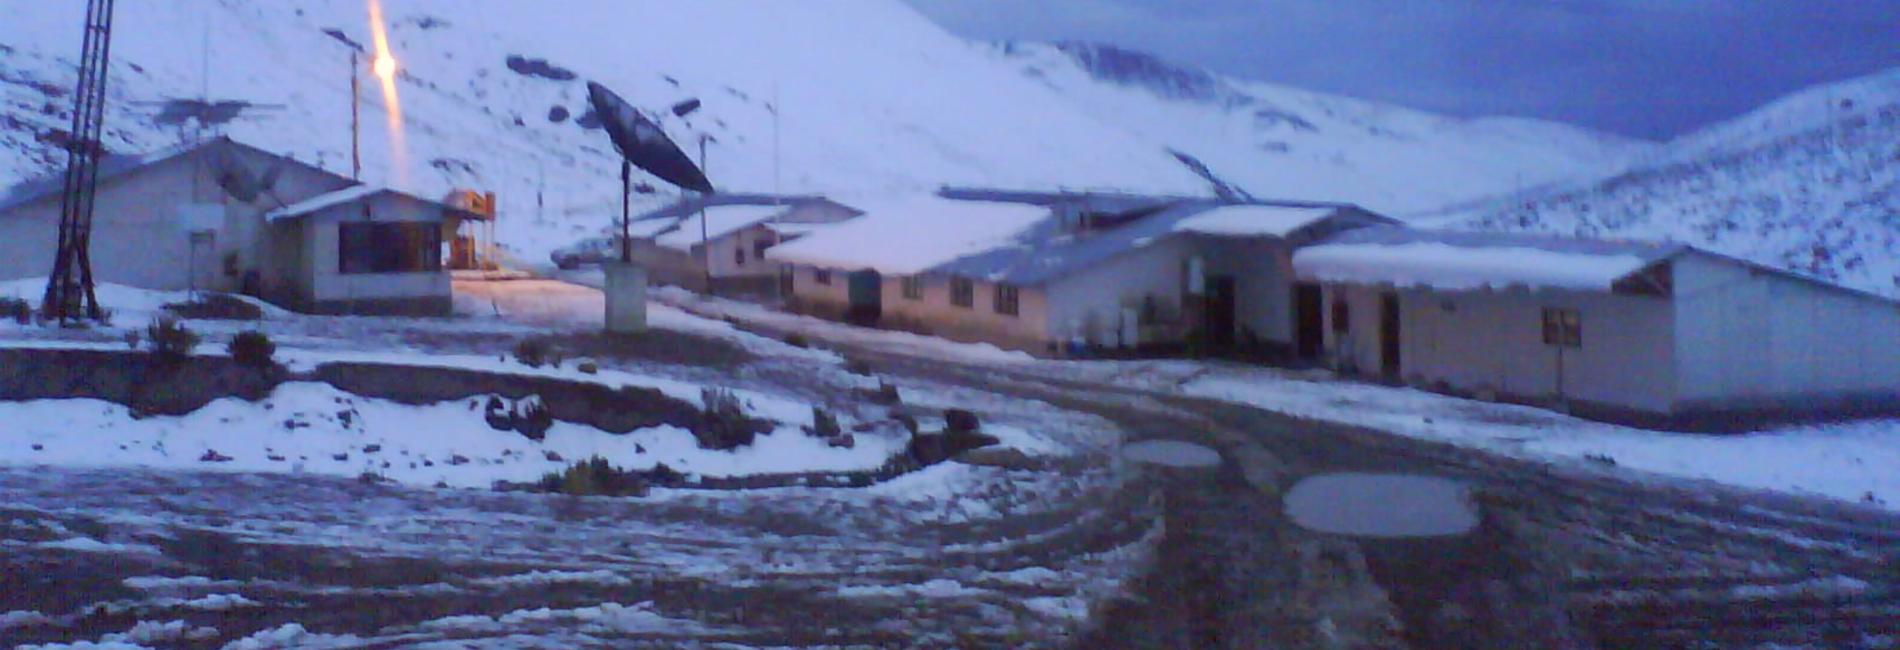 Servicio de hotelería & Gestión de campamentos | SASMI PERÚ